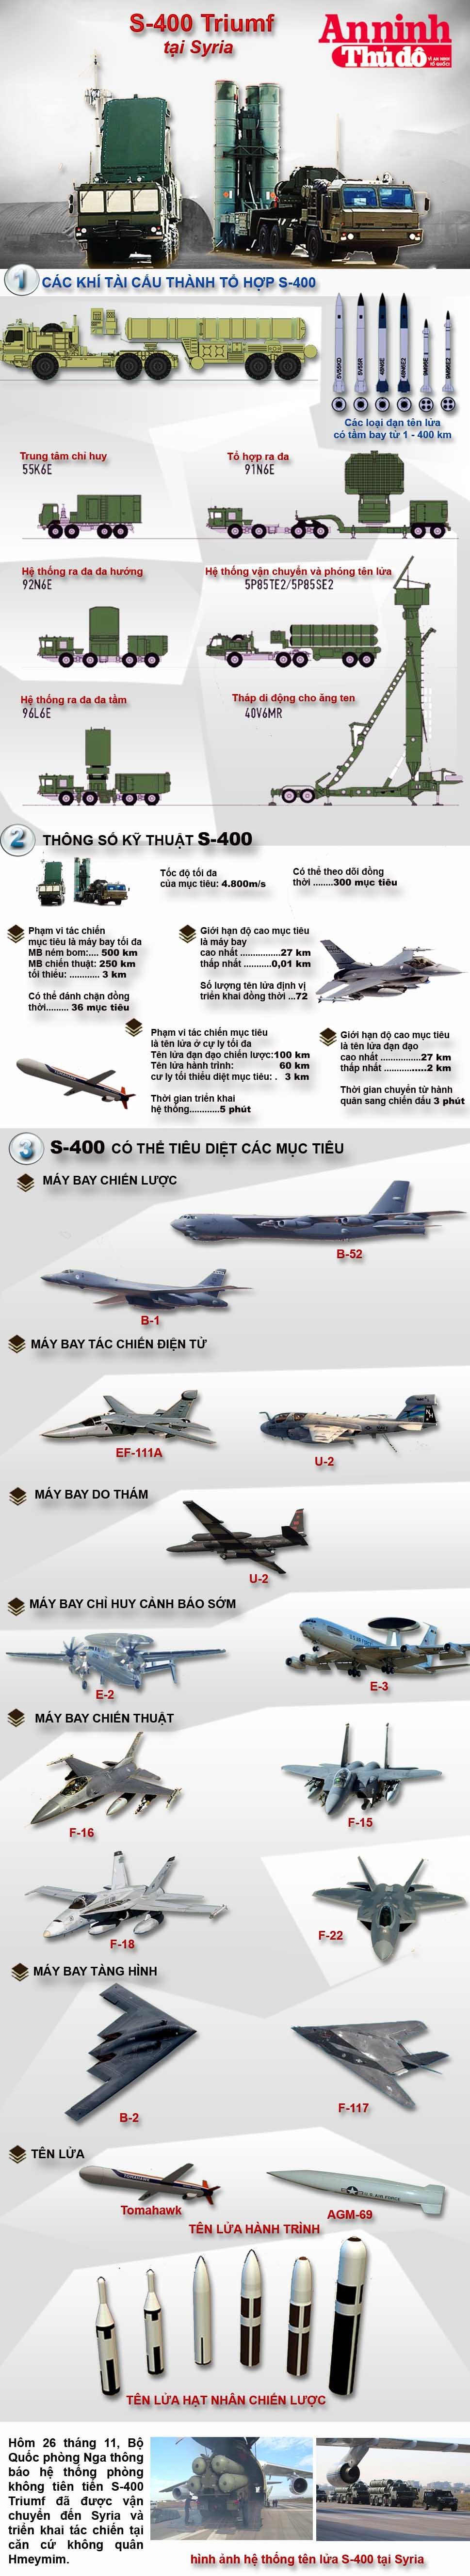 Infographic: Lưới lửa phòng không S-400 Triumf của Nga tại Syria ảnh 1